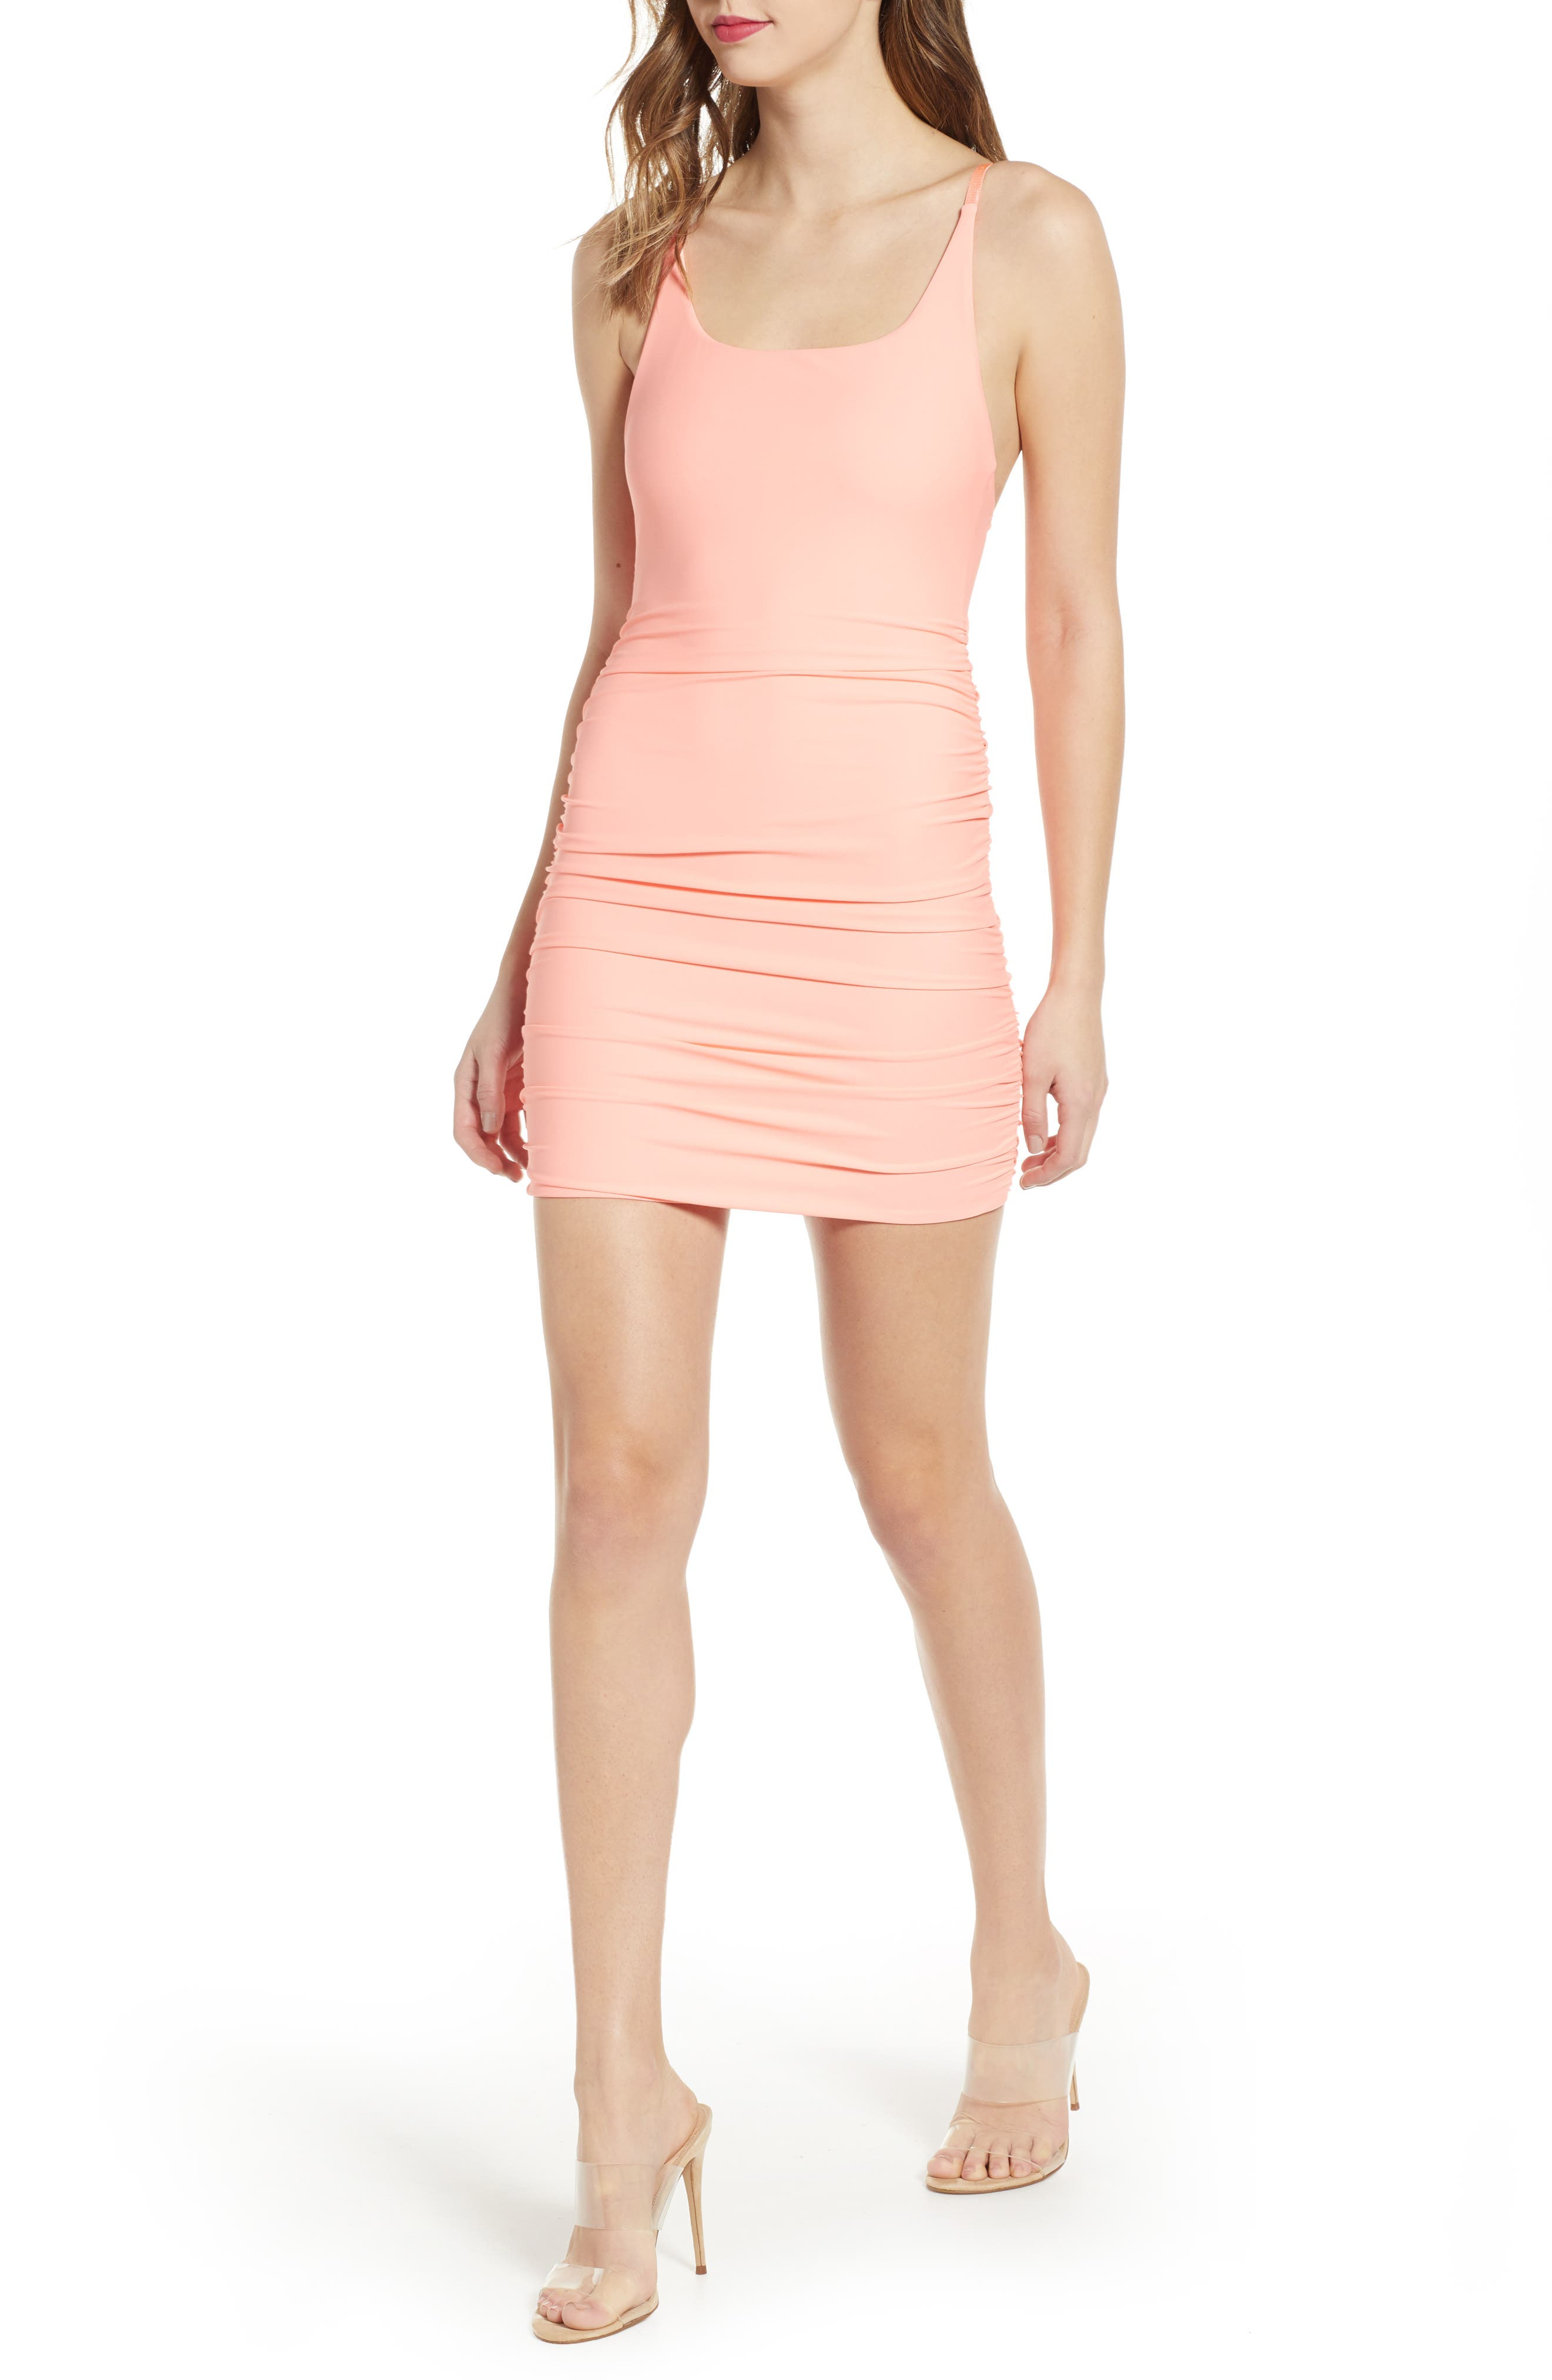 Tiger Mist Bondi Body-Con Dress, Coral